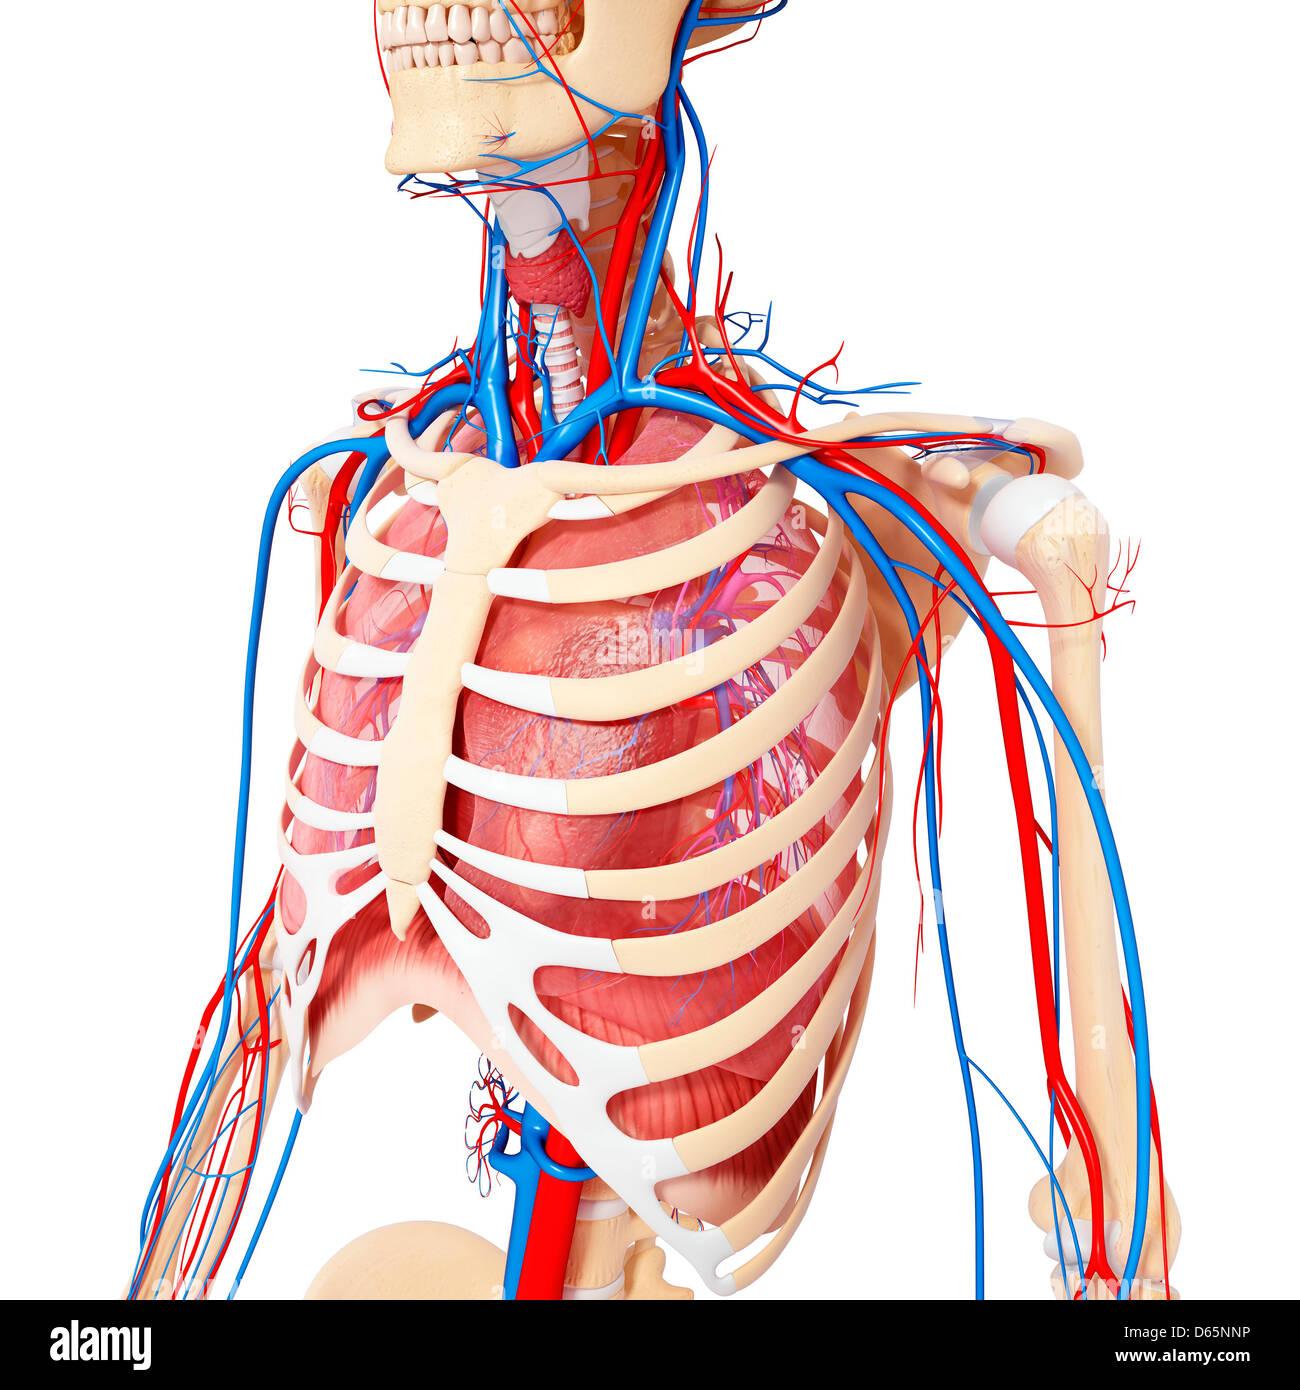 Anatomia torácica, arte Foto, Imagem de Stock: 55445874 - Alamy